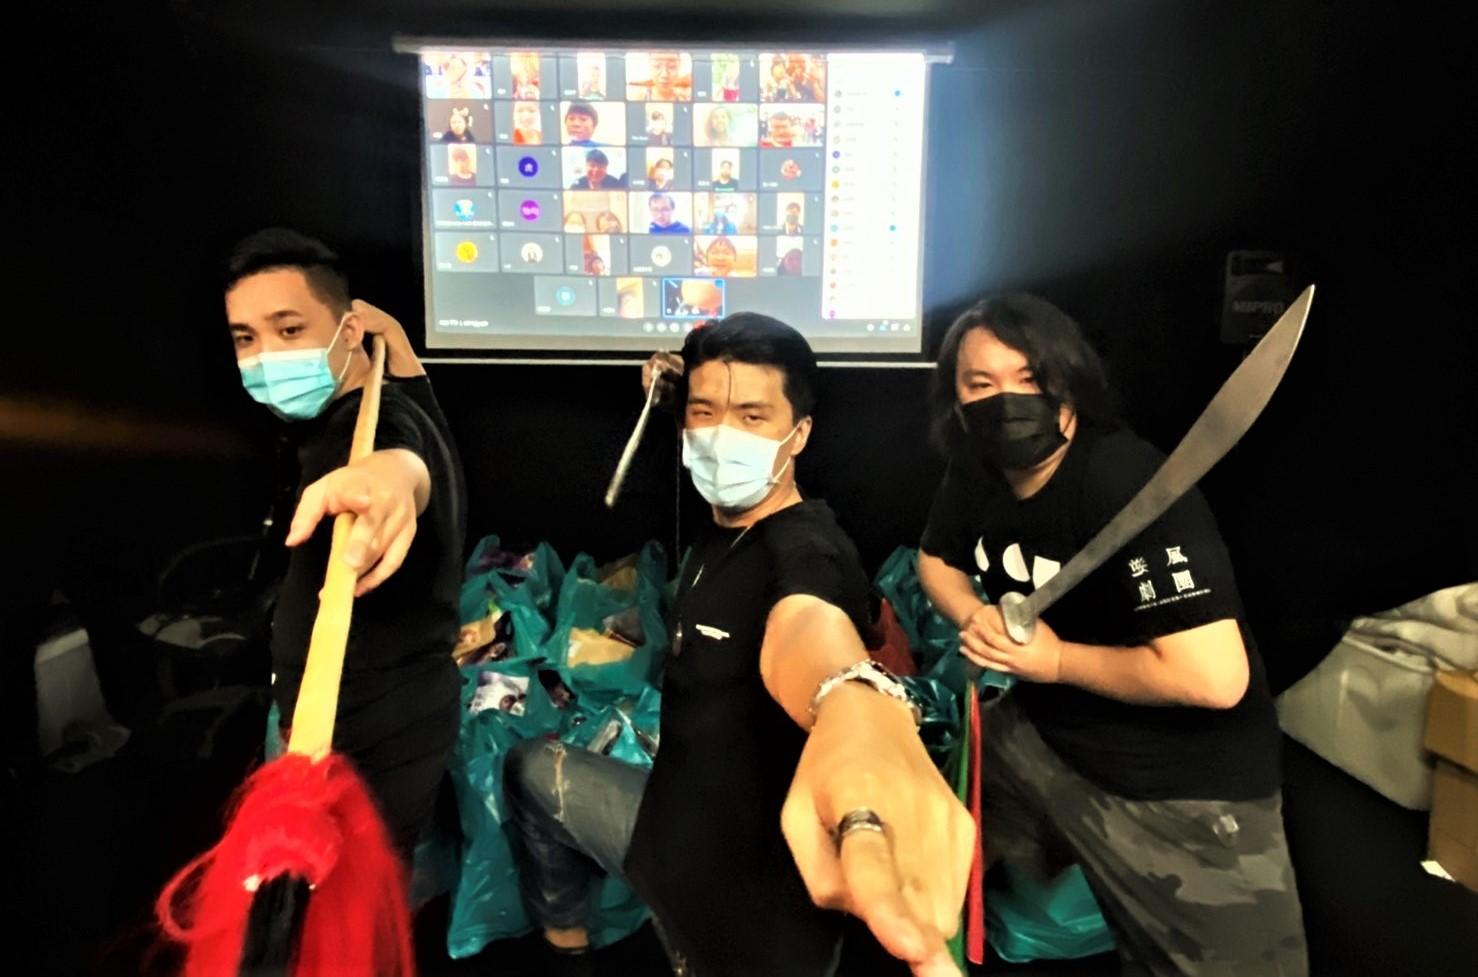 圖1:逆風劇團三位創辦人,成瑋盛(圖右)、邱奕醇(圖中)、陳韋志(圖左)。(圖/逆風劇團提供)